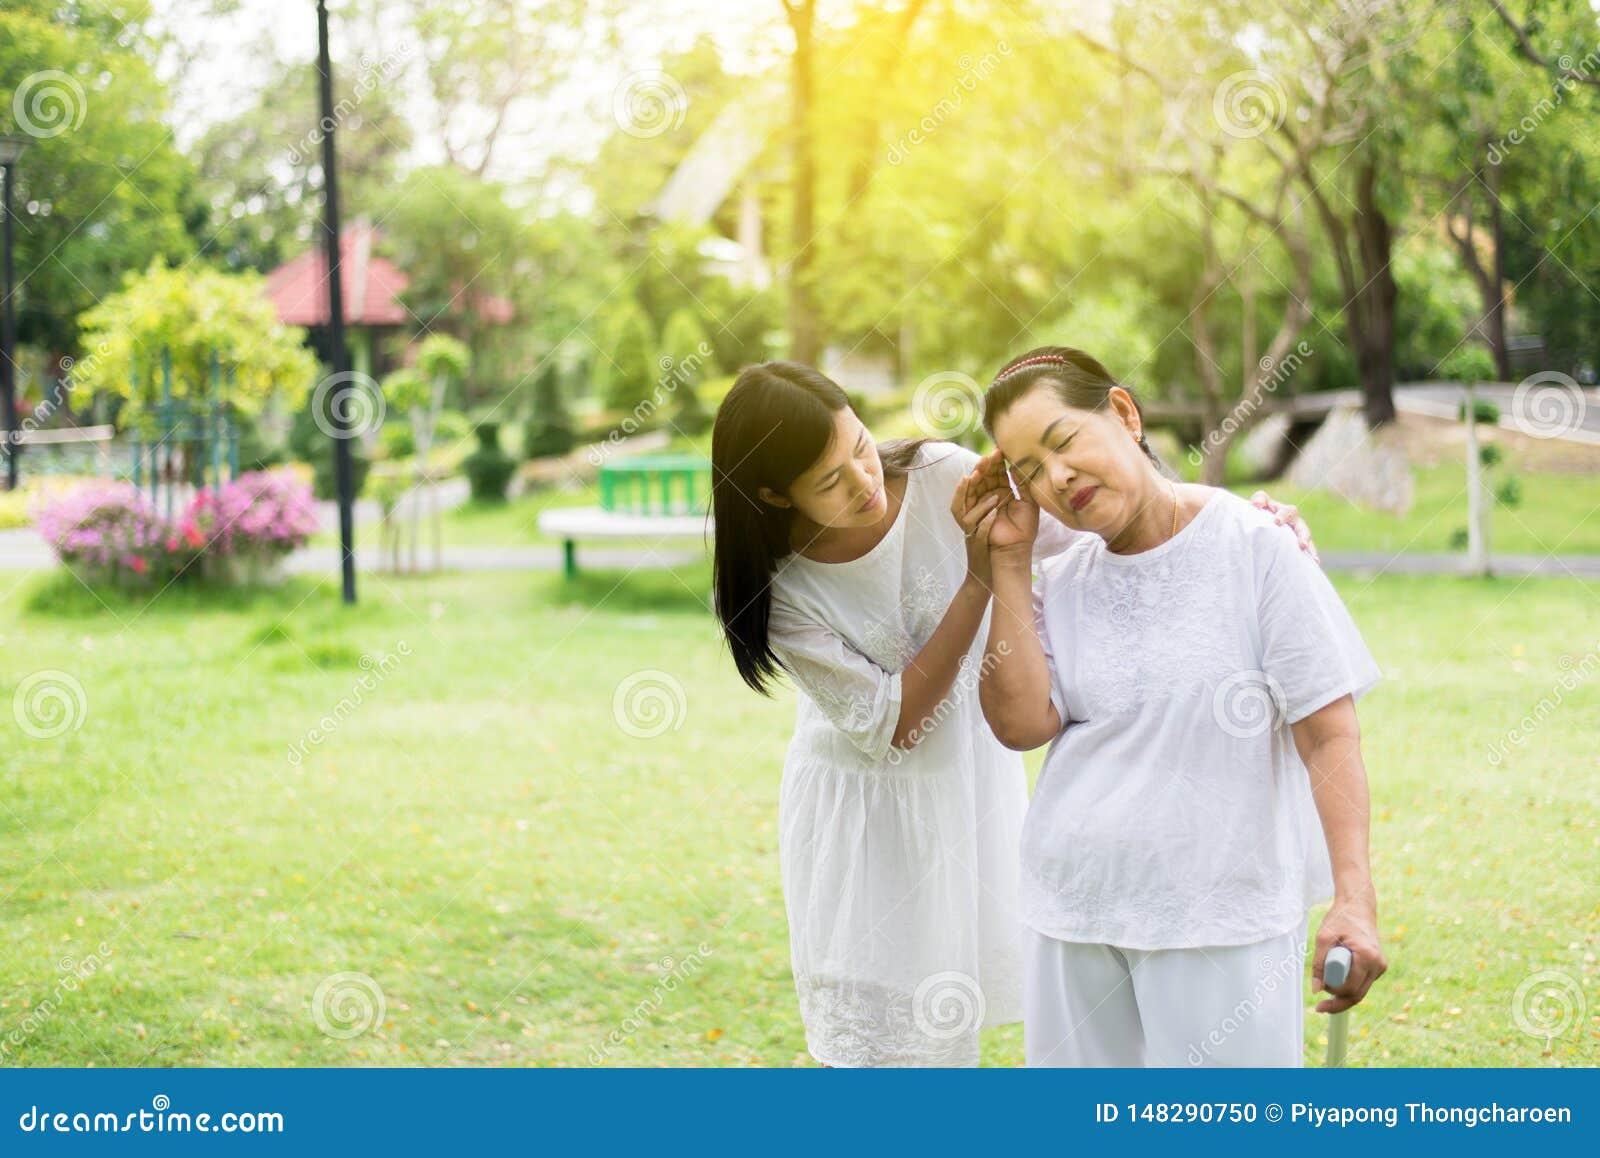 有年长亚裔的妇女从偏头痛疾病,女性的微弱的痛苦小心和支持